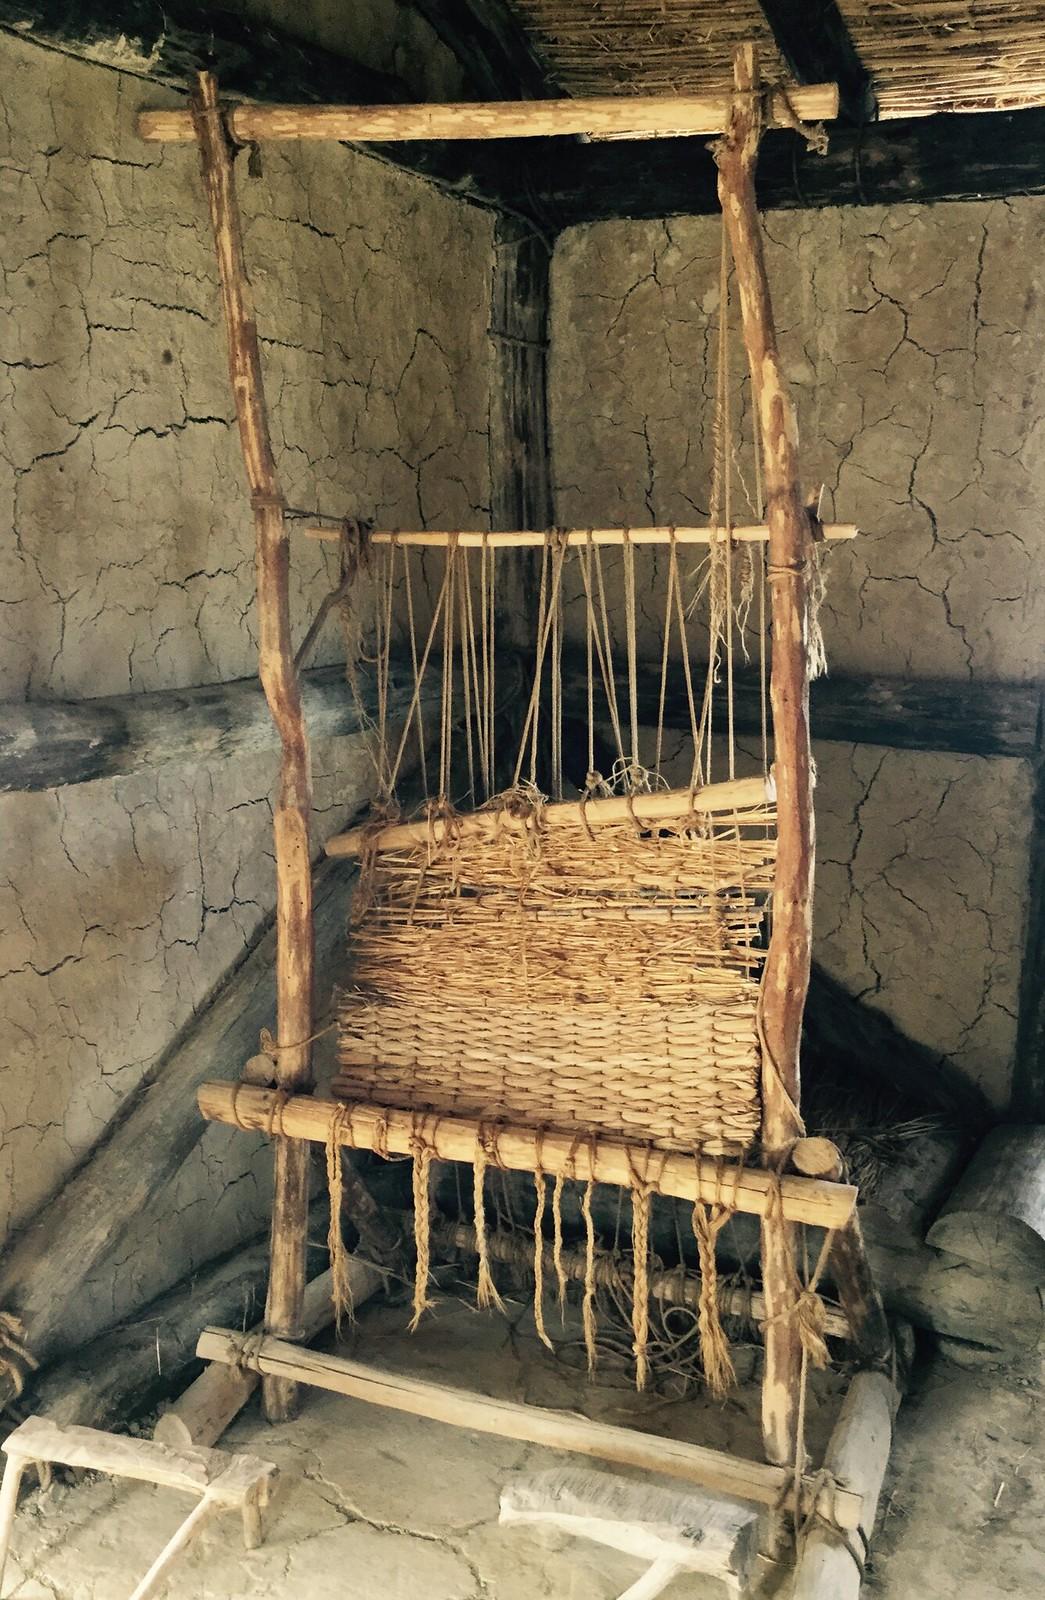 201705 - Balkans - Bay of Bones Museum Loom - 80 of 89 - Nacionalen Park Galicica - Ohrid, Ohrid, May 28, 2017